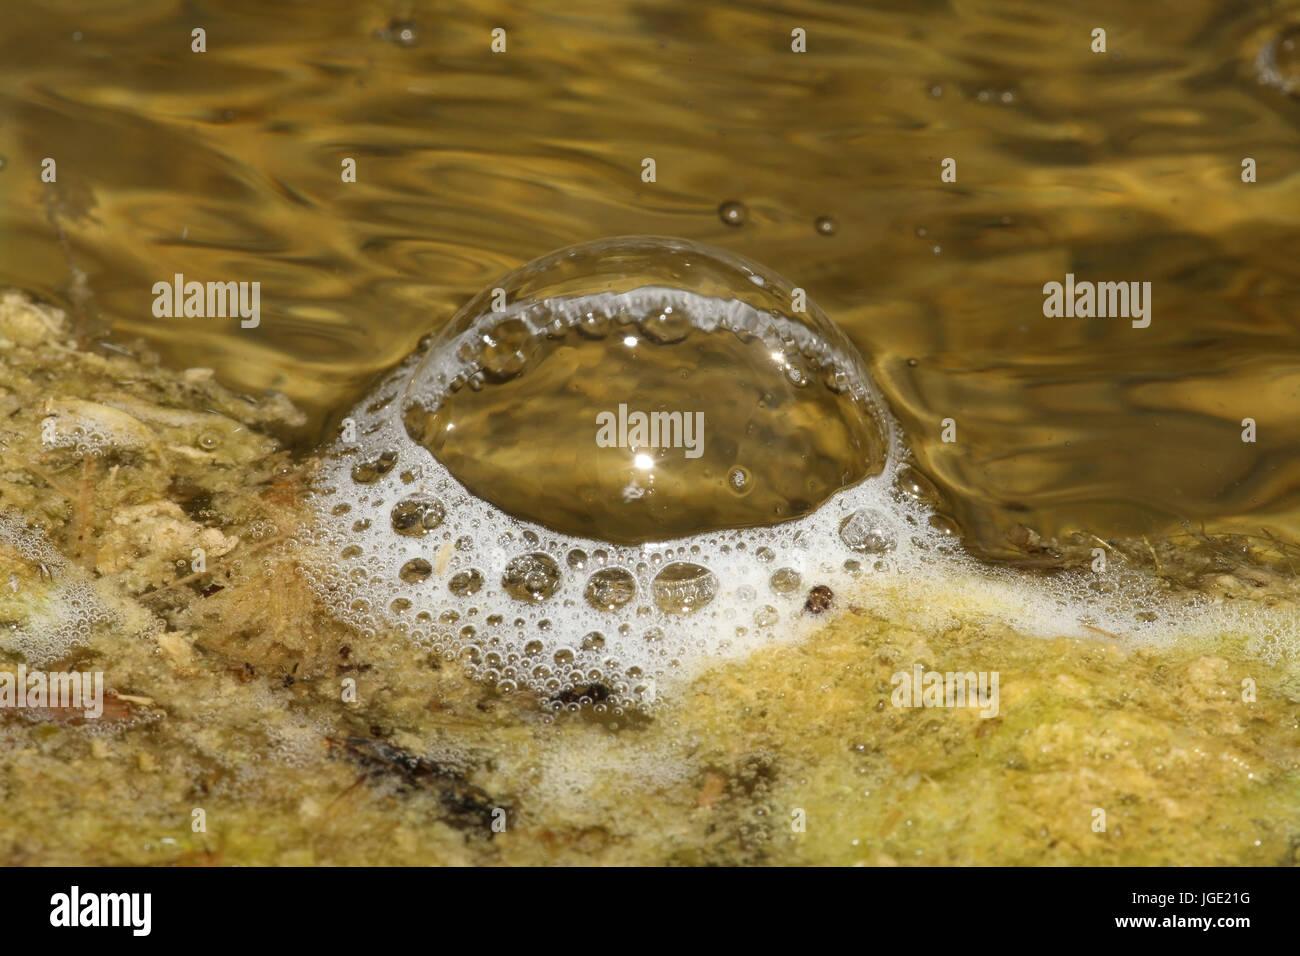 Bubbles on the garden pond, Blasen auf dem Gartenteich - Stock Image